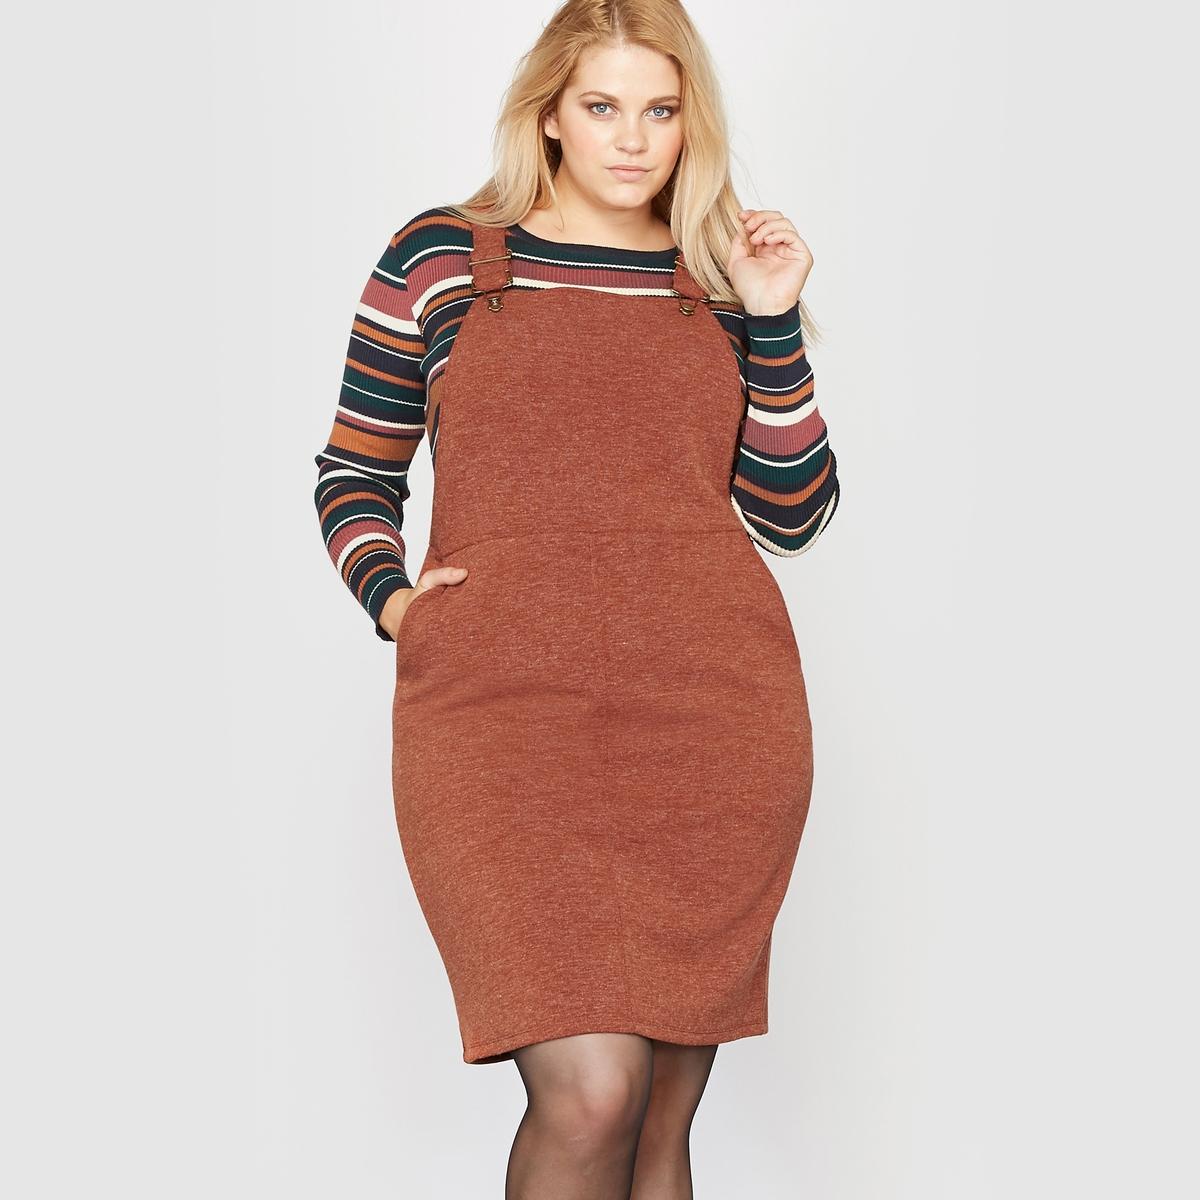 Платье-комбинезон из меланжевого трикотажаСостав и описание :Материал : узорная двухлицевая вязка, 88% полиэстера, 12% вискозы.Длина : 82 см для 48 размера. Марка : CASTALUNAУход :Машинная стирка при 30 °С в деликатном режиме.<br><br>Цвет: красно-коричневый<br>Размер: 42 (FR) - 48 (RUS)